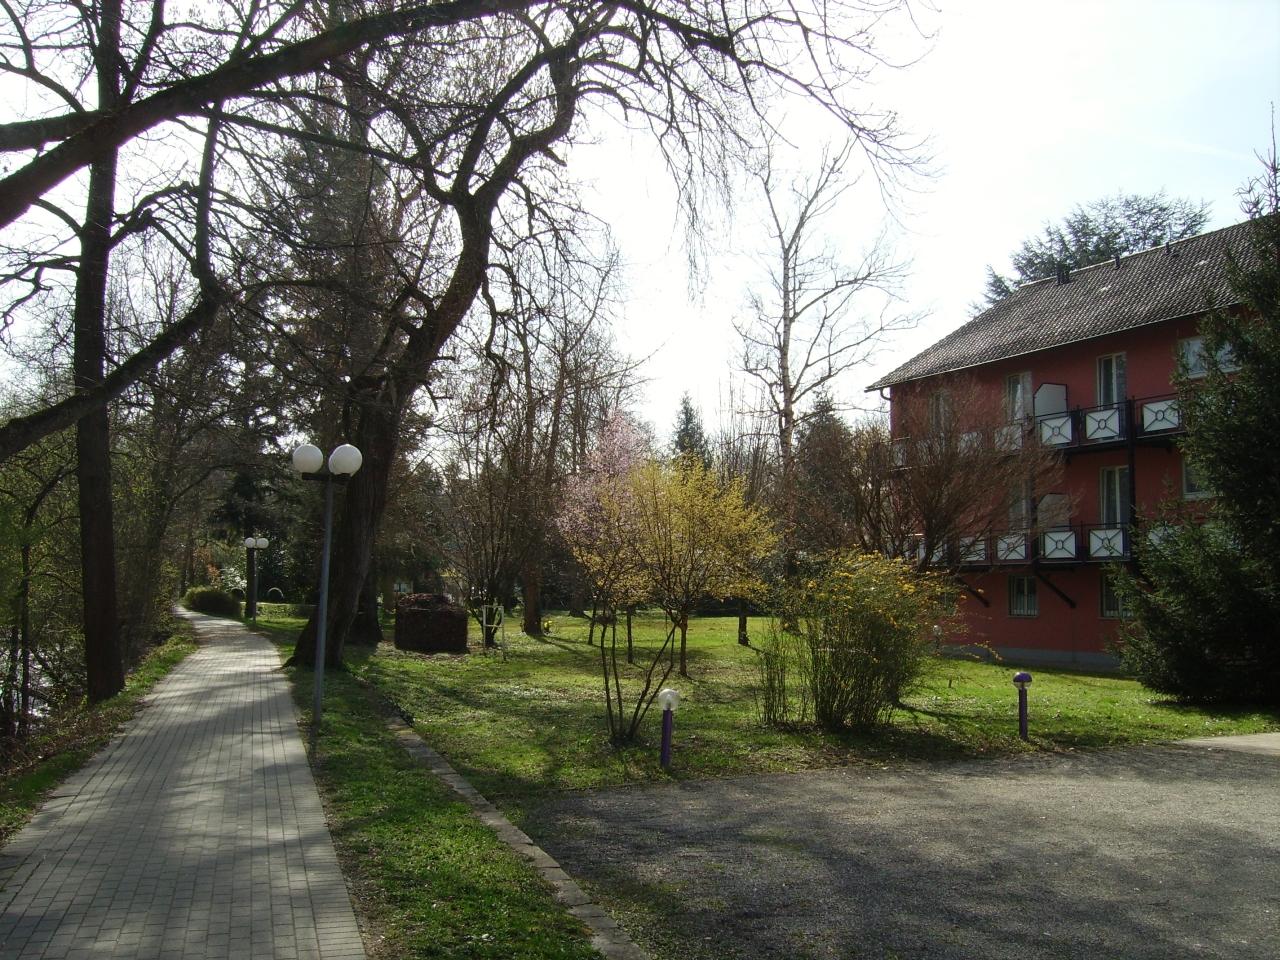 Hochschwarzwald: Wochenend-Trip nach Bad Krozingen, Eden Hotel am Park